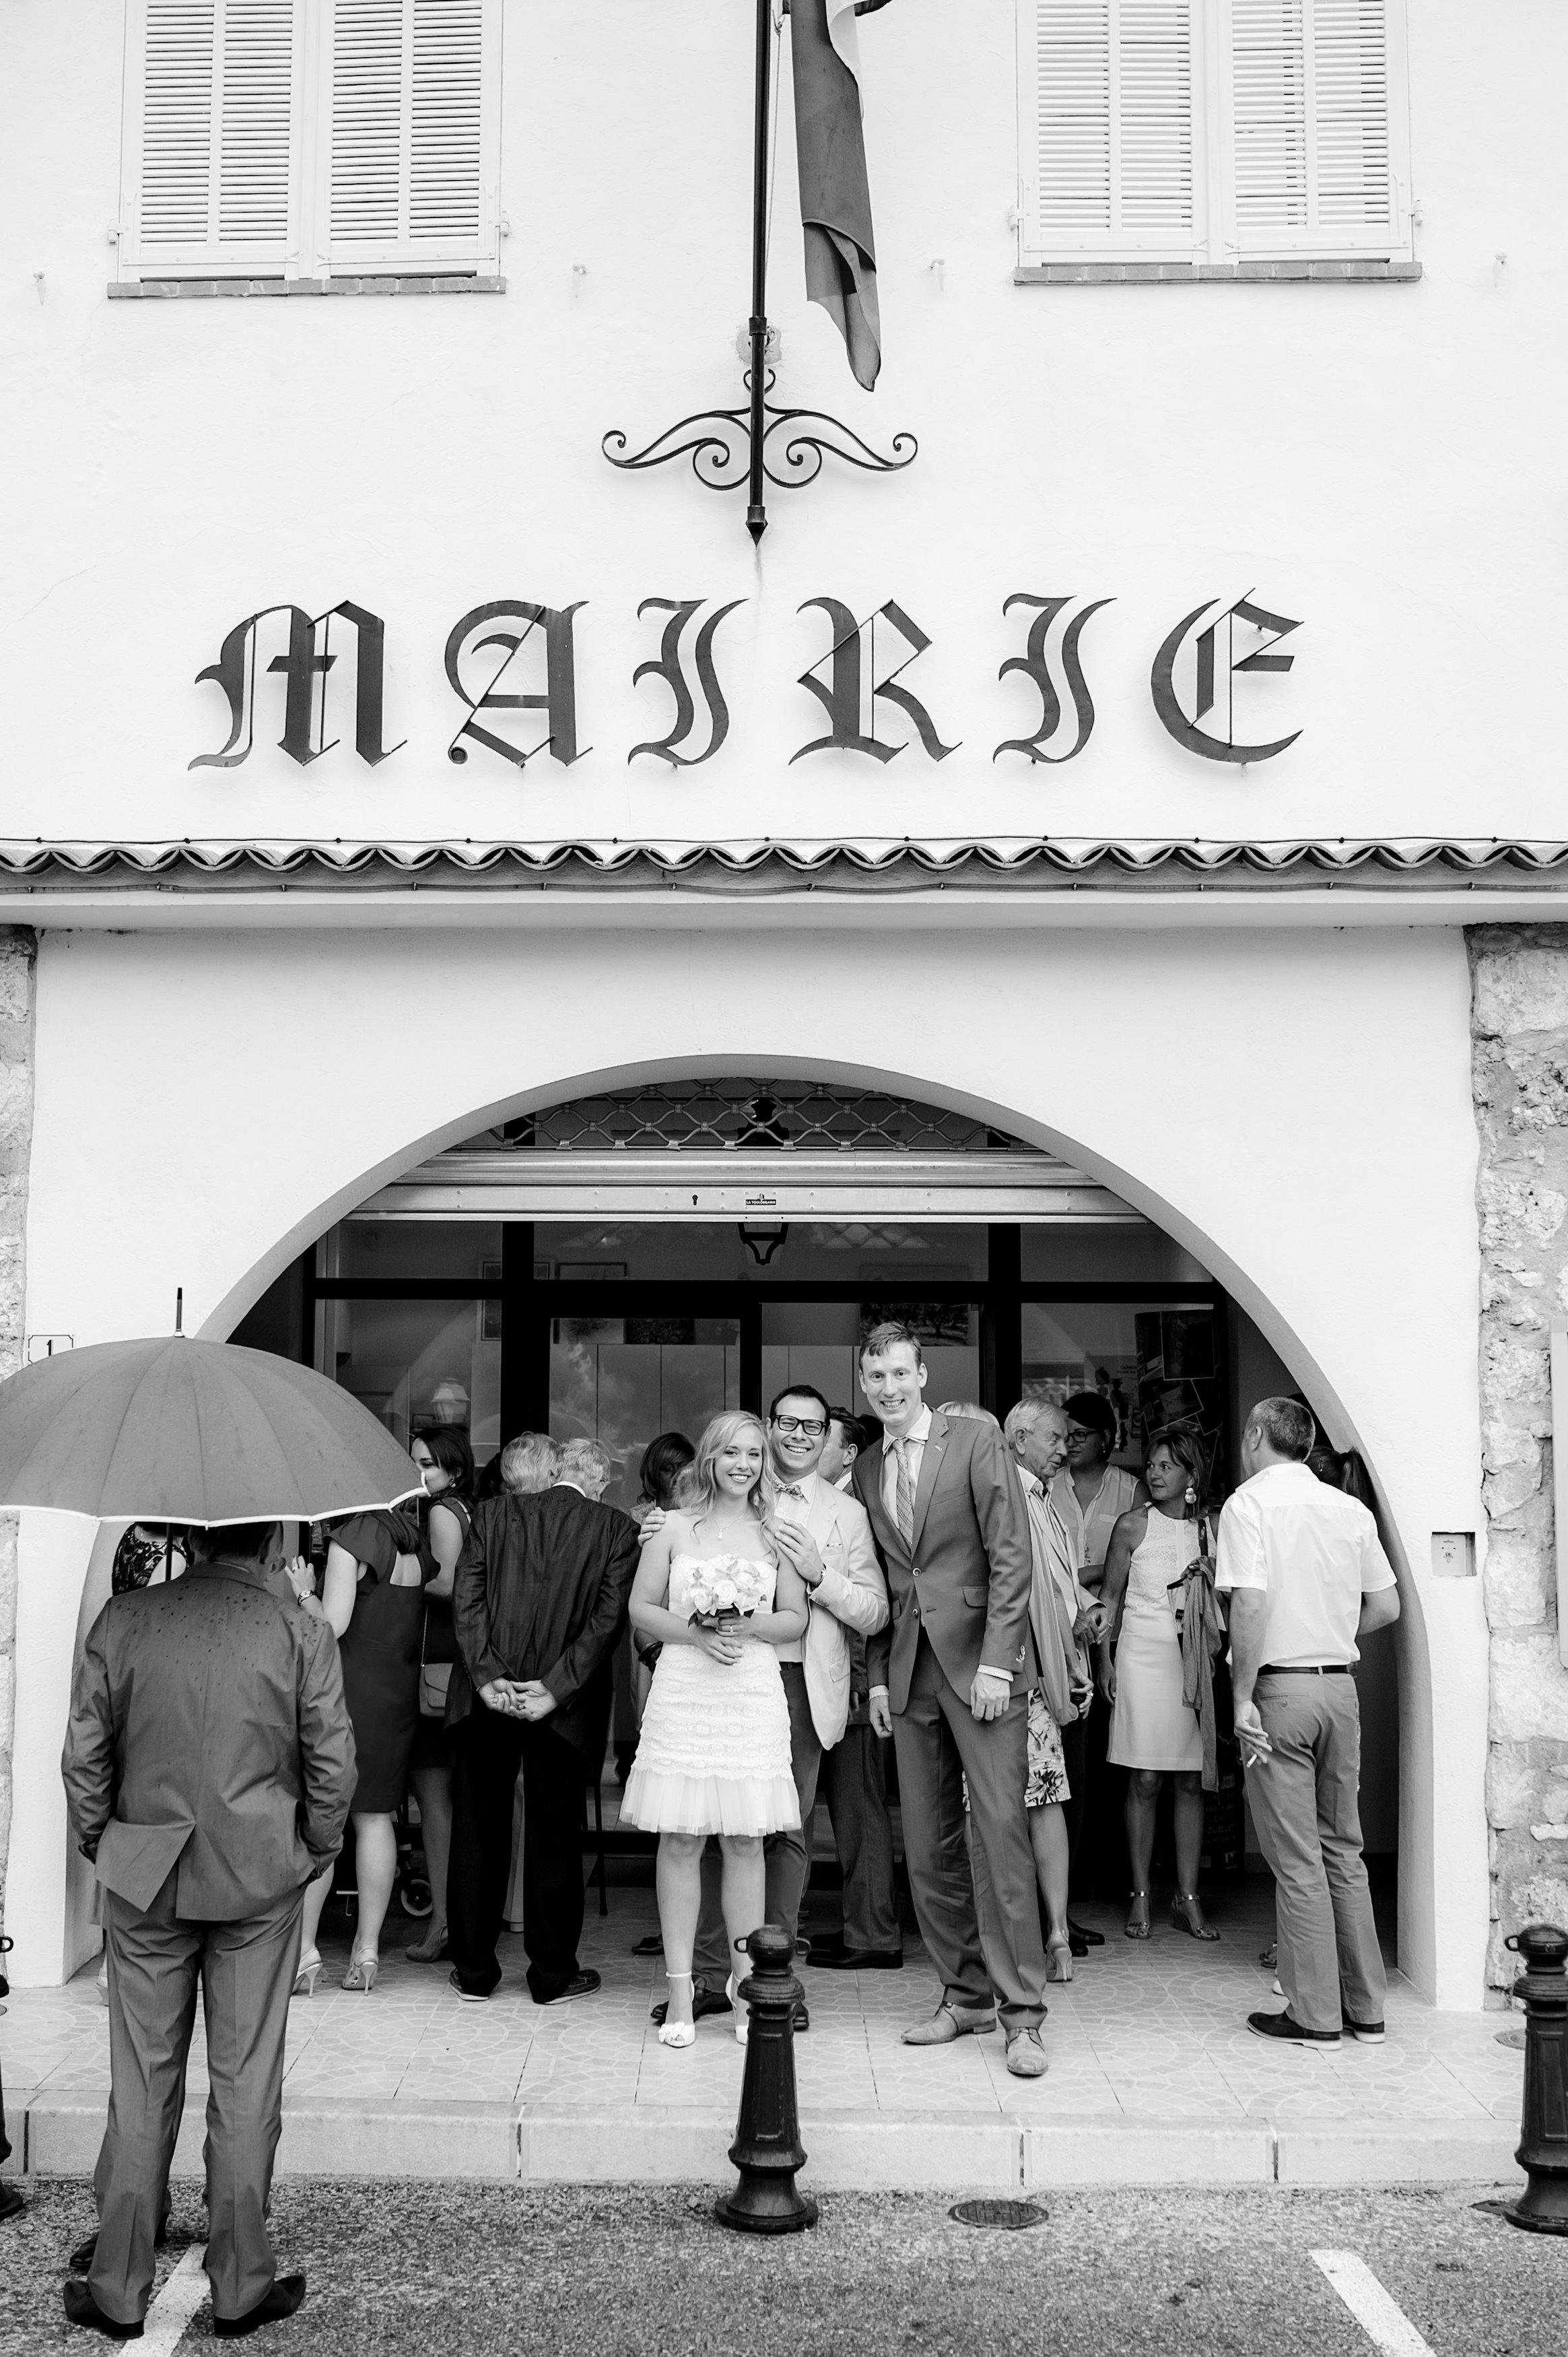 Le Mariage de Severine Guillaume-Noir Blanc-0005.jpg